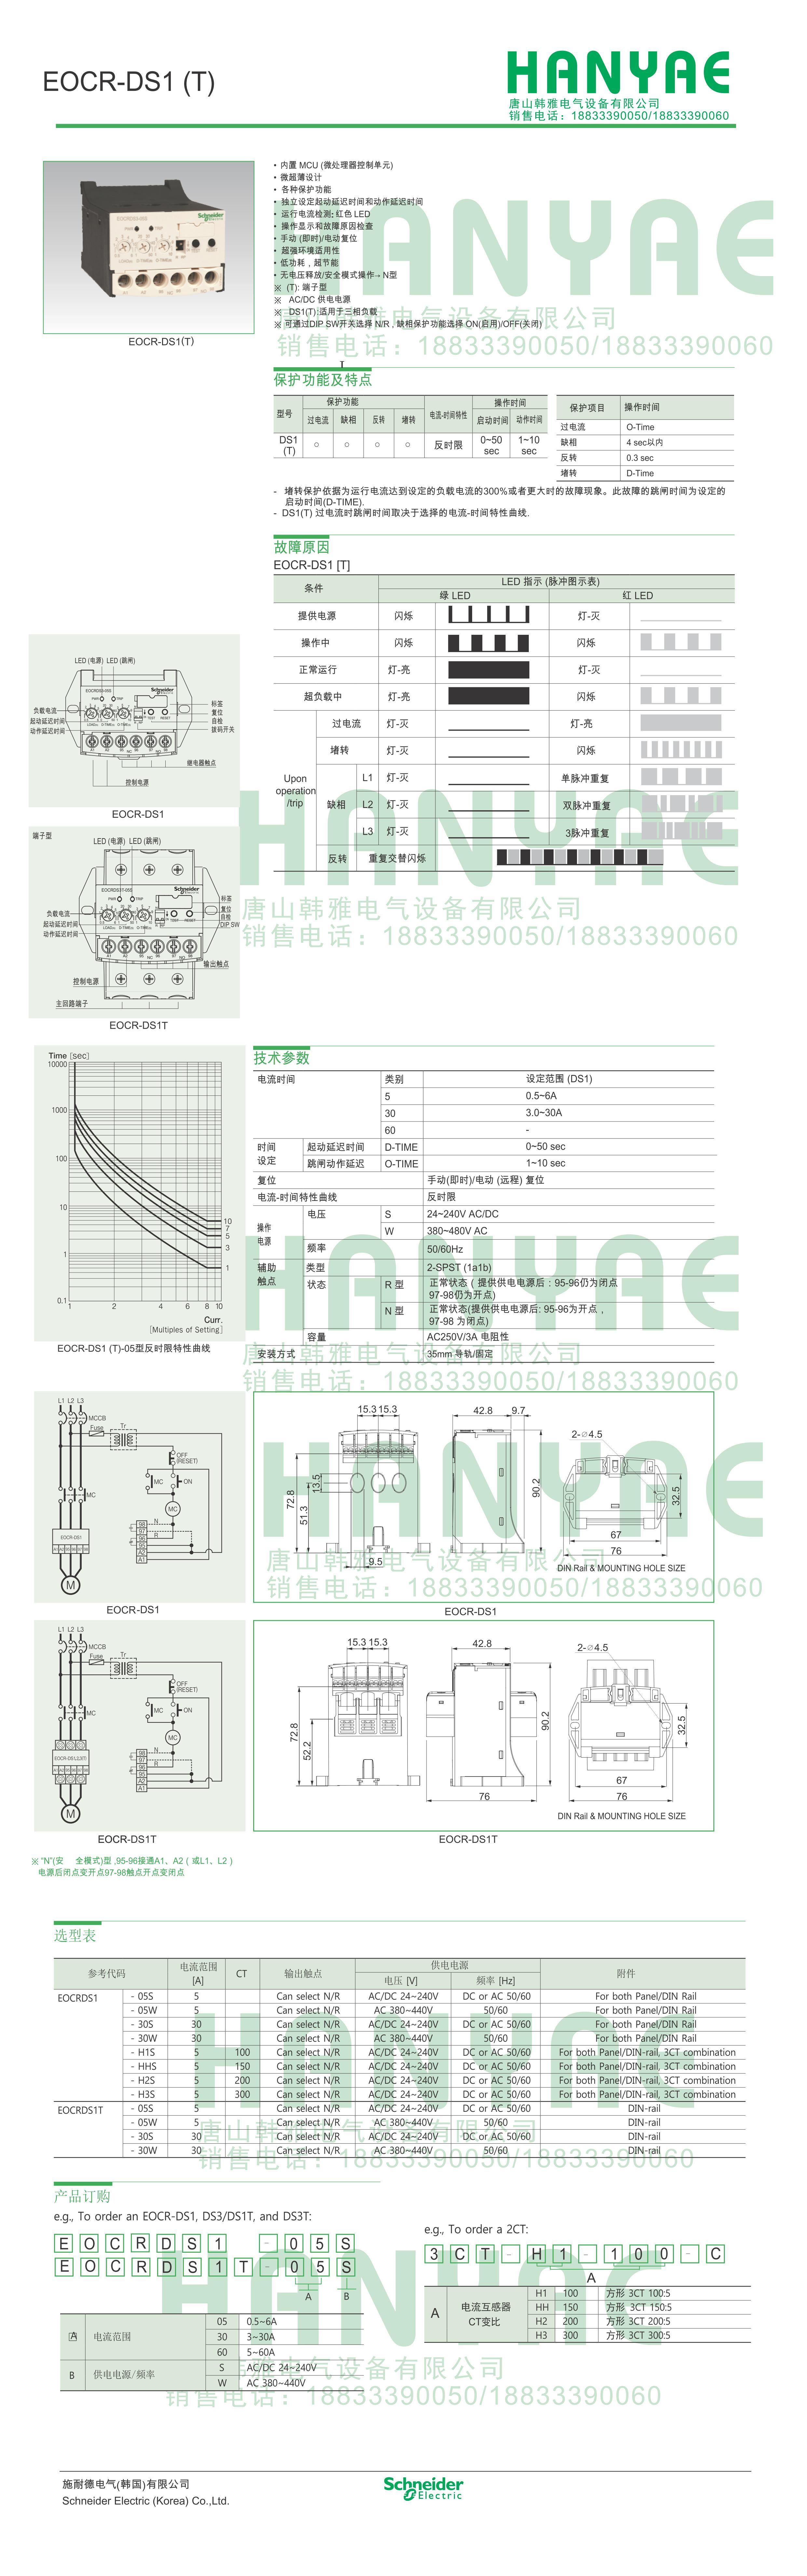 韩国三和EOCRDS1-60RF7 施耐德,韩国三和,韩国SAMWHA,电子式继电器,EOCR-DS1